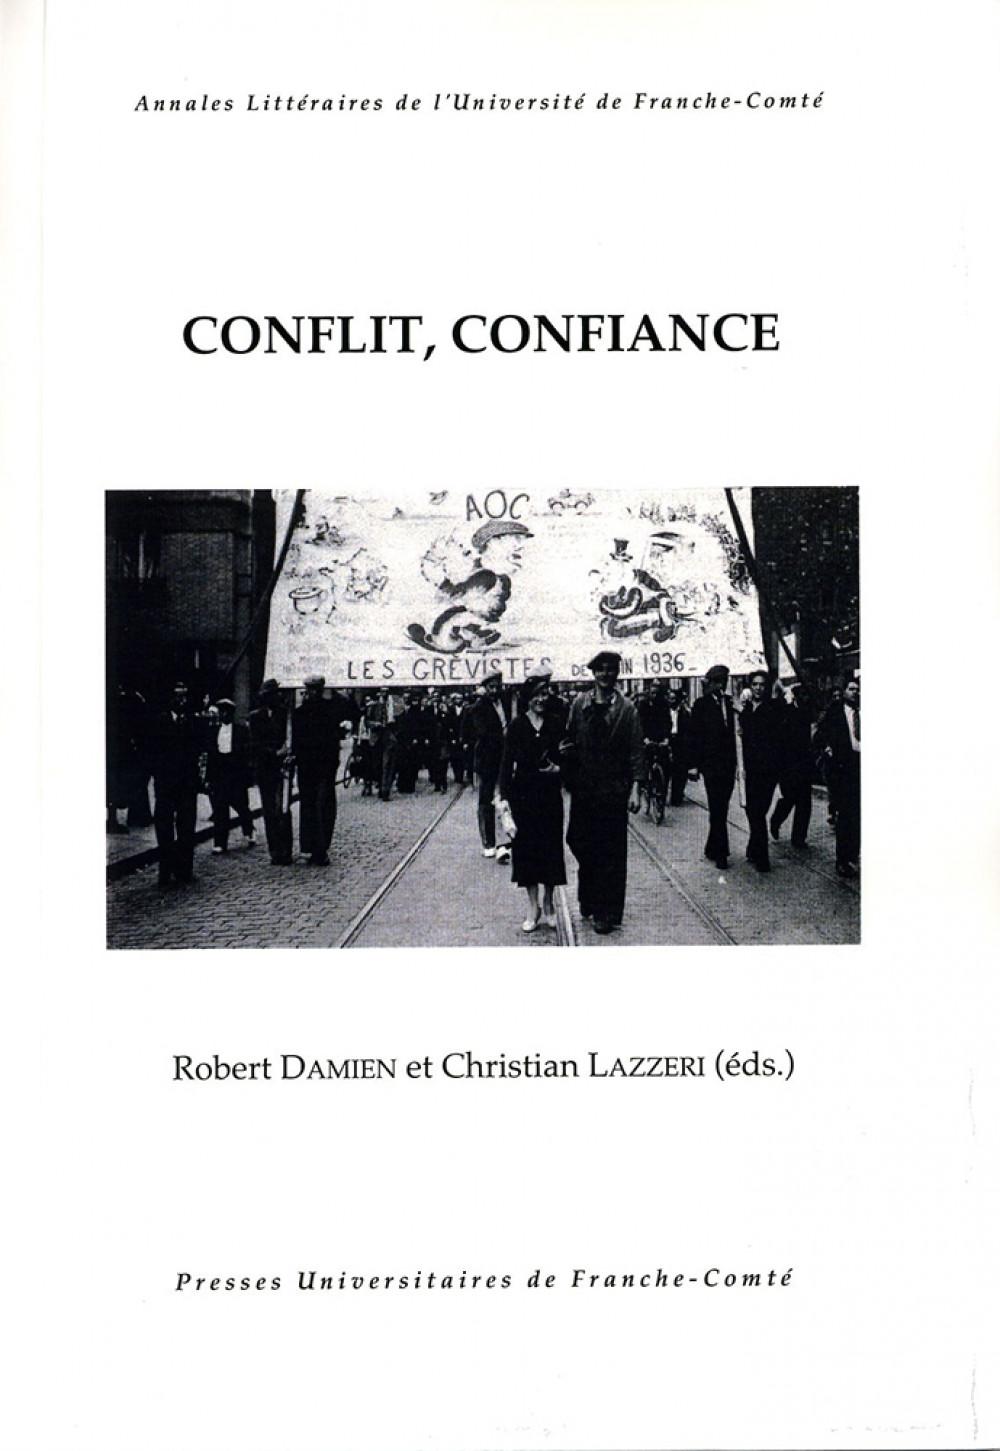 Conflit, Confiance